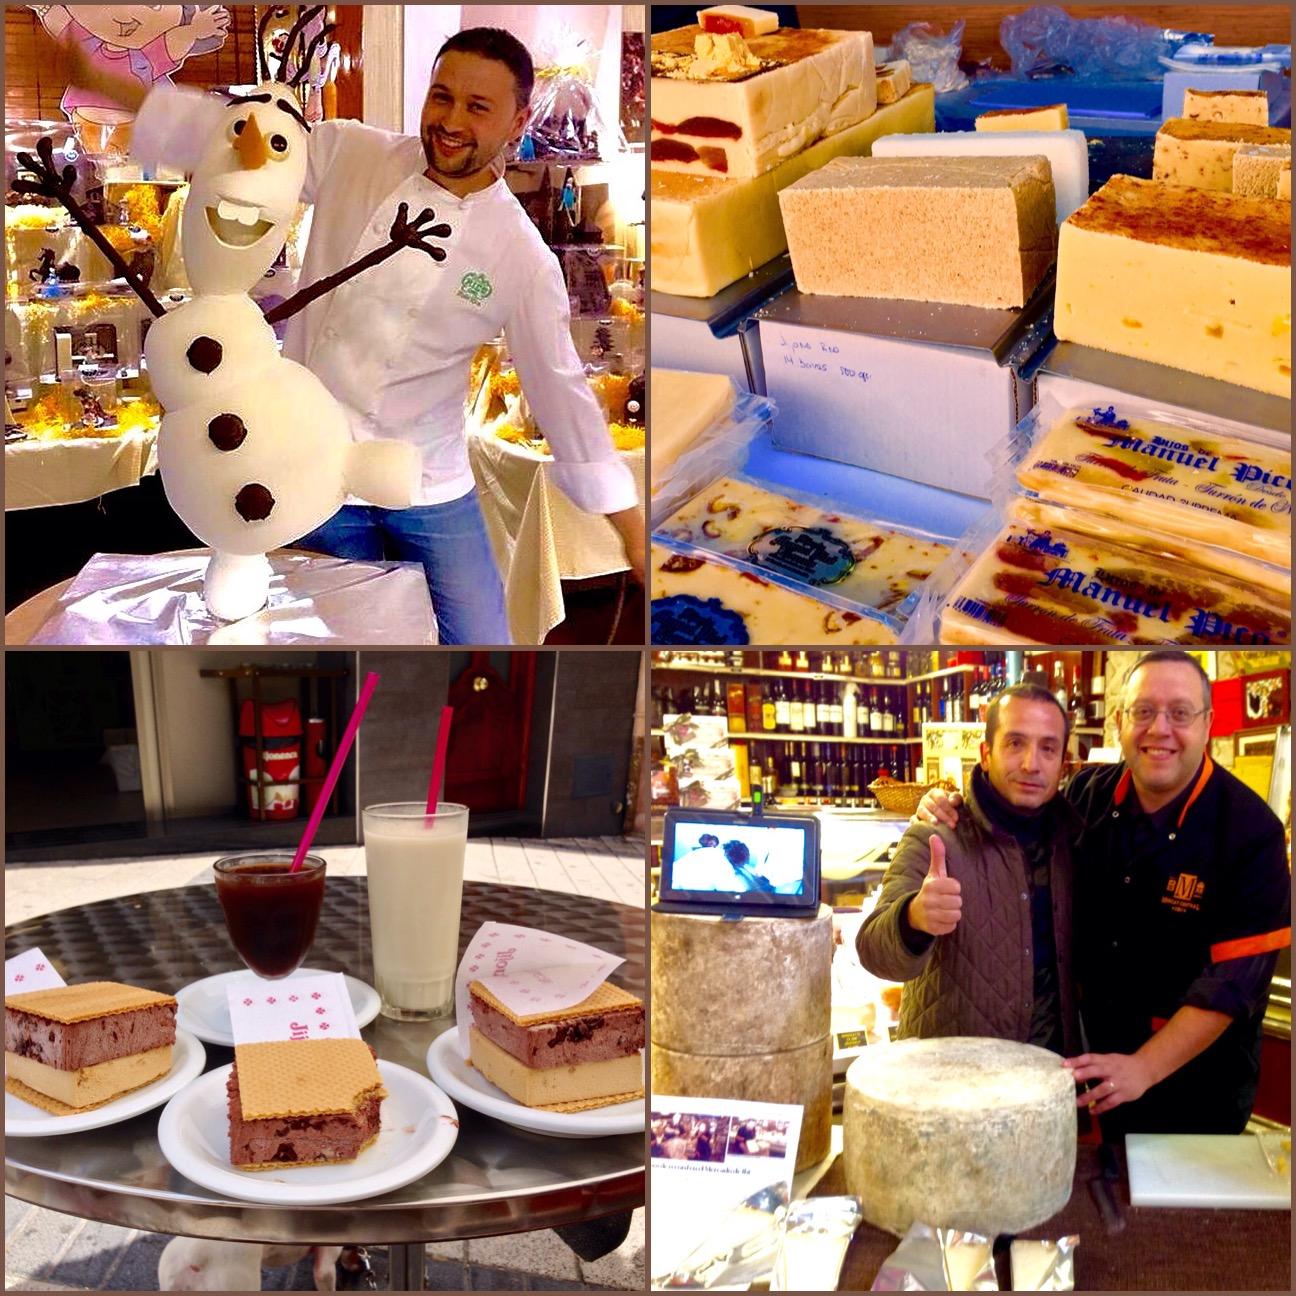 Exquisiteces típicas de Alicante. Chocolates, turrones, helados y granizados, quesos y embutidos.